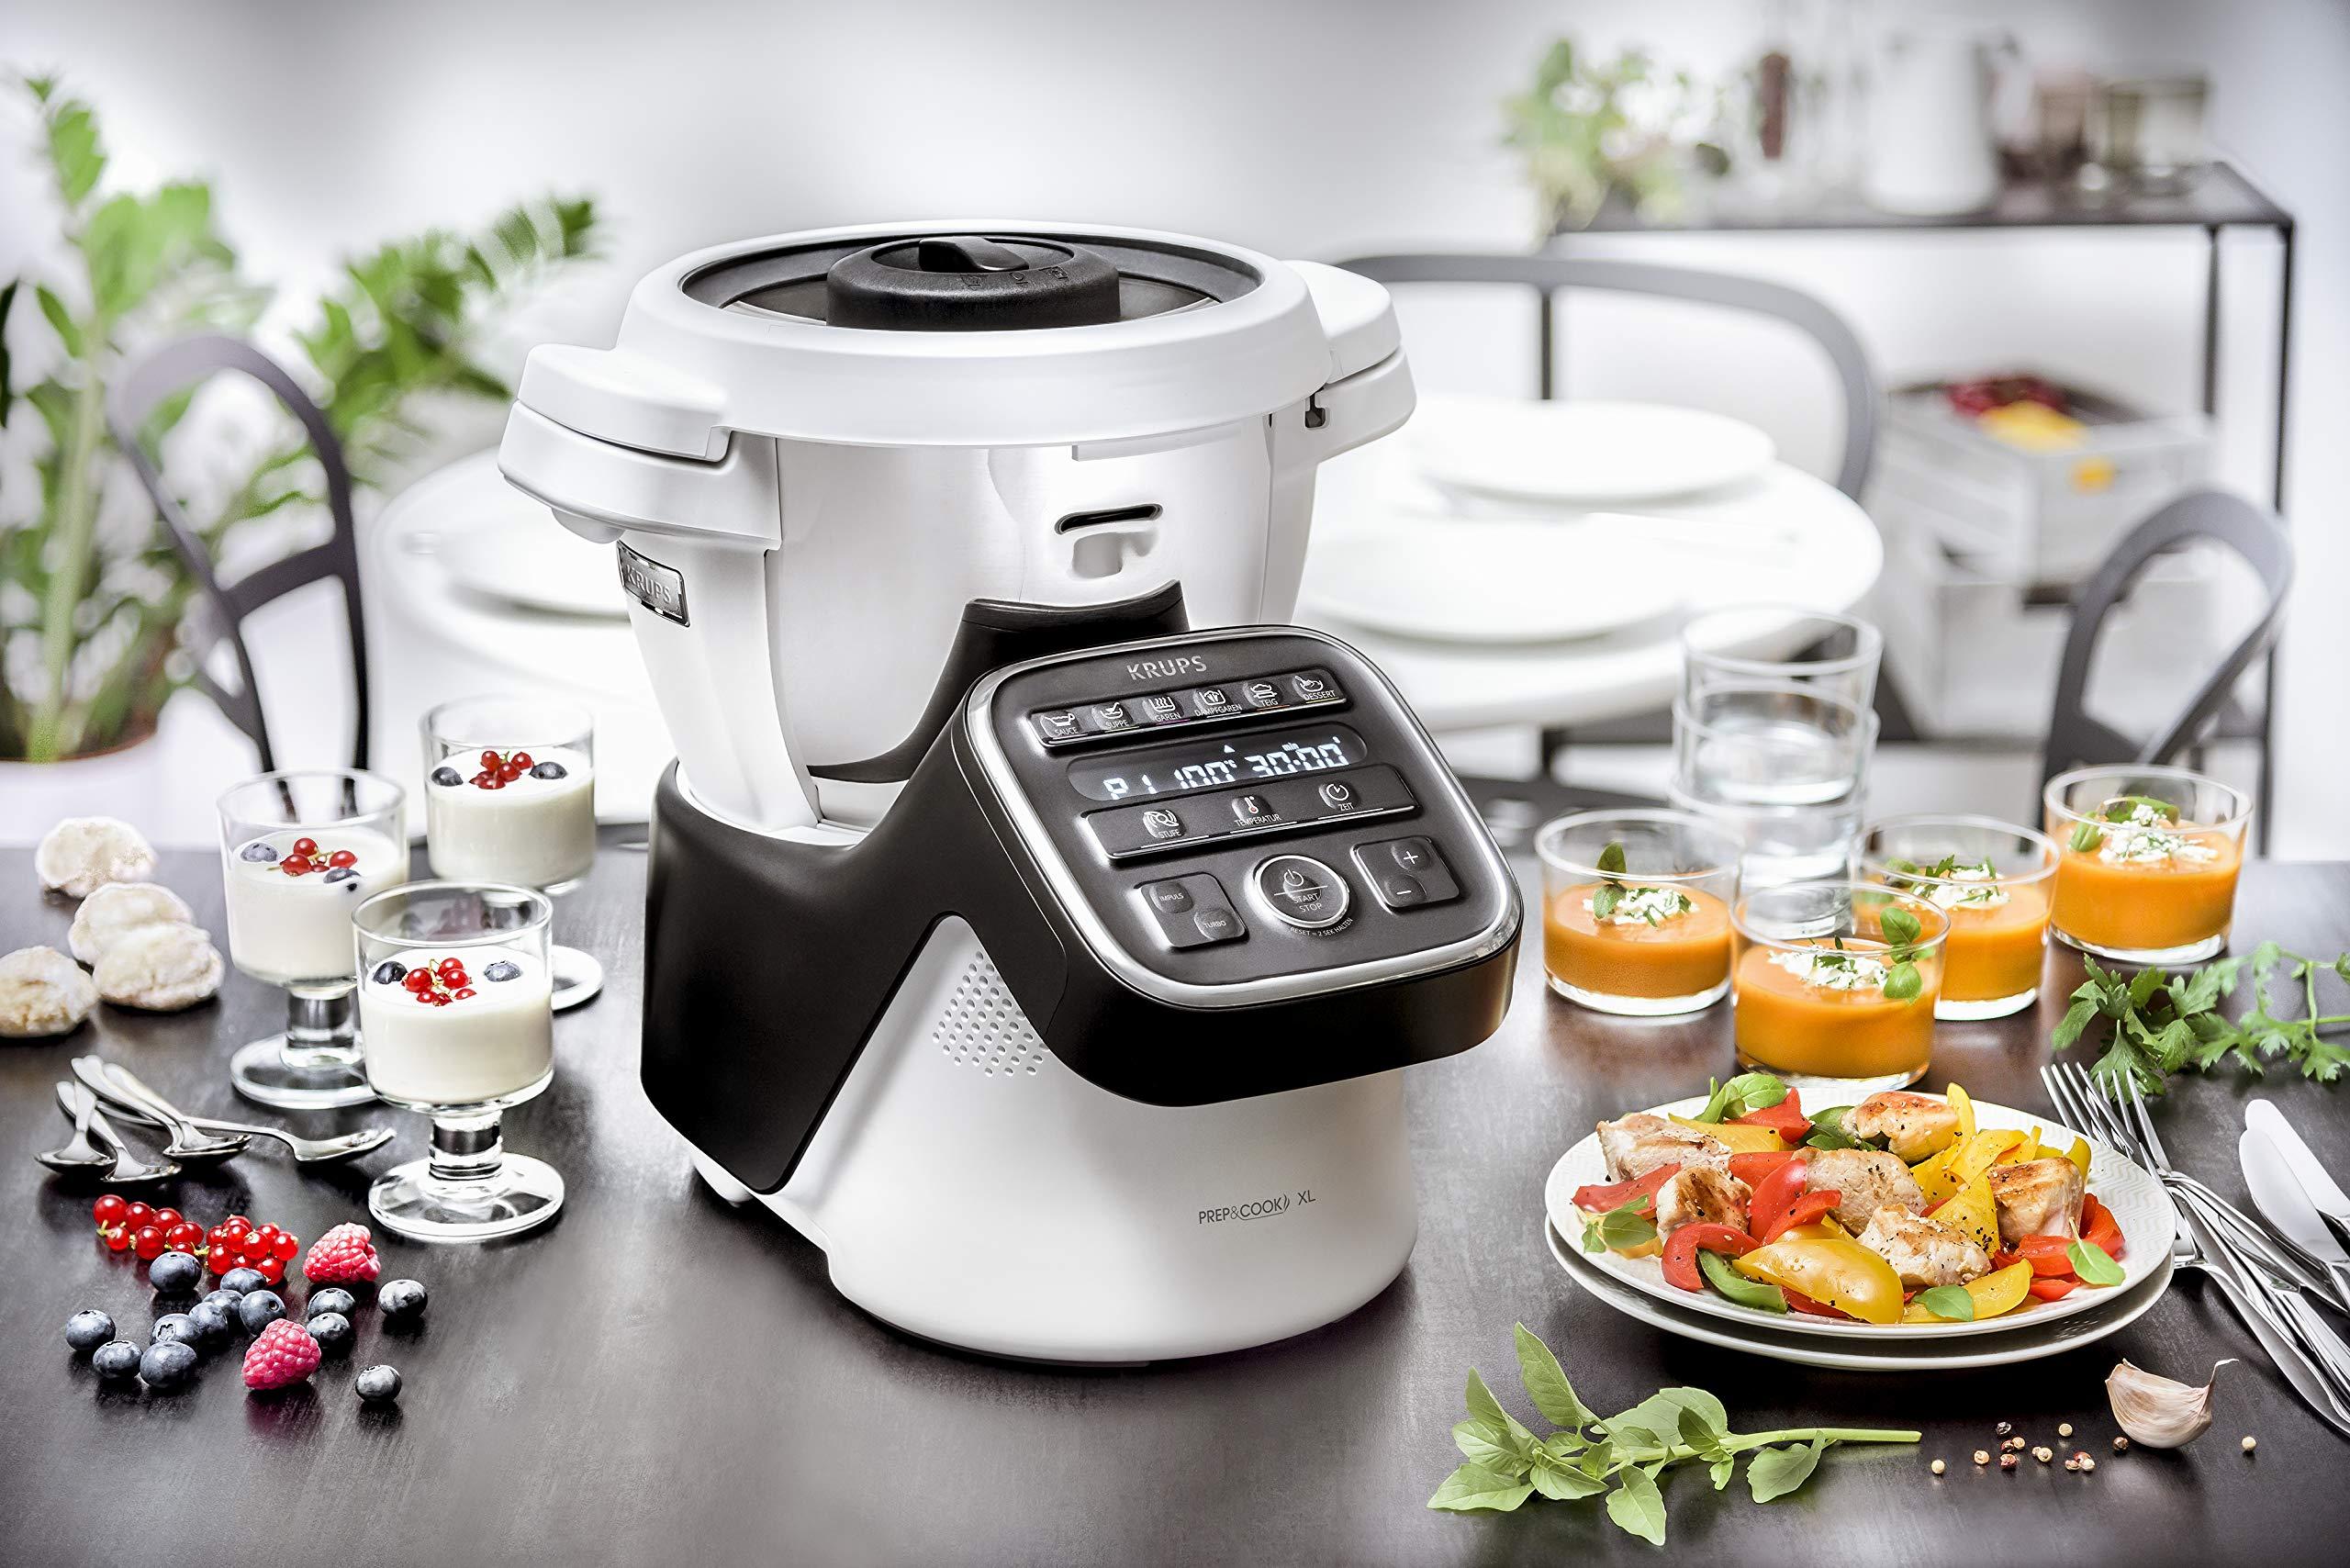 Krups-HP50A8-PrepCook-XL-Multifunktions-Kchenmaschine-1550-Edelstahl-3-liters-WeiSchwarz